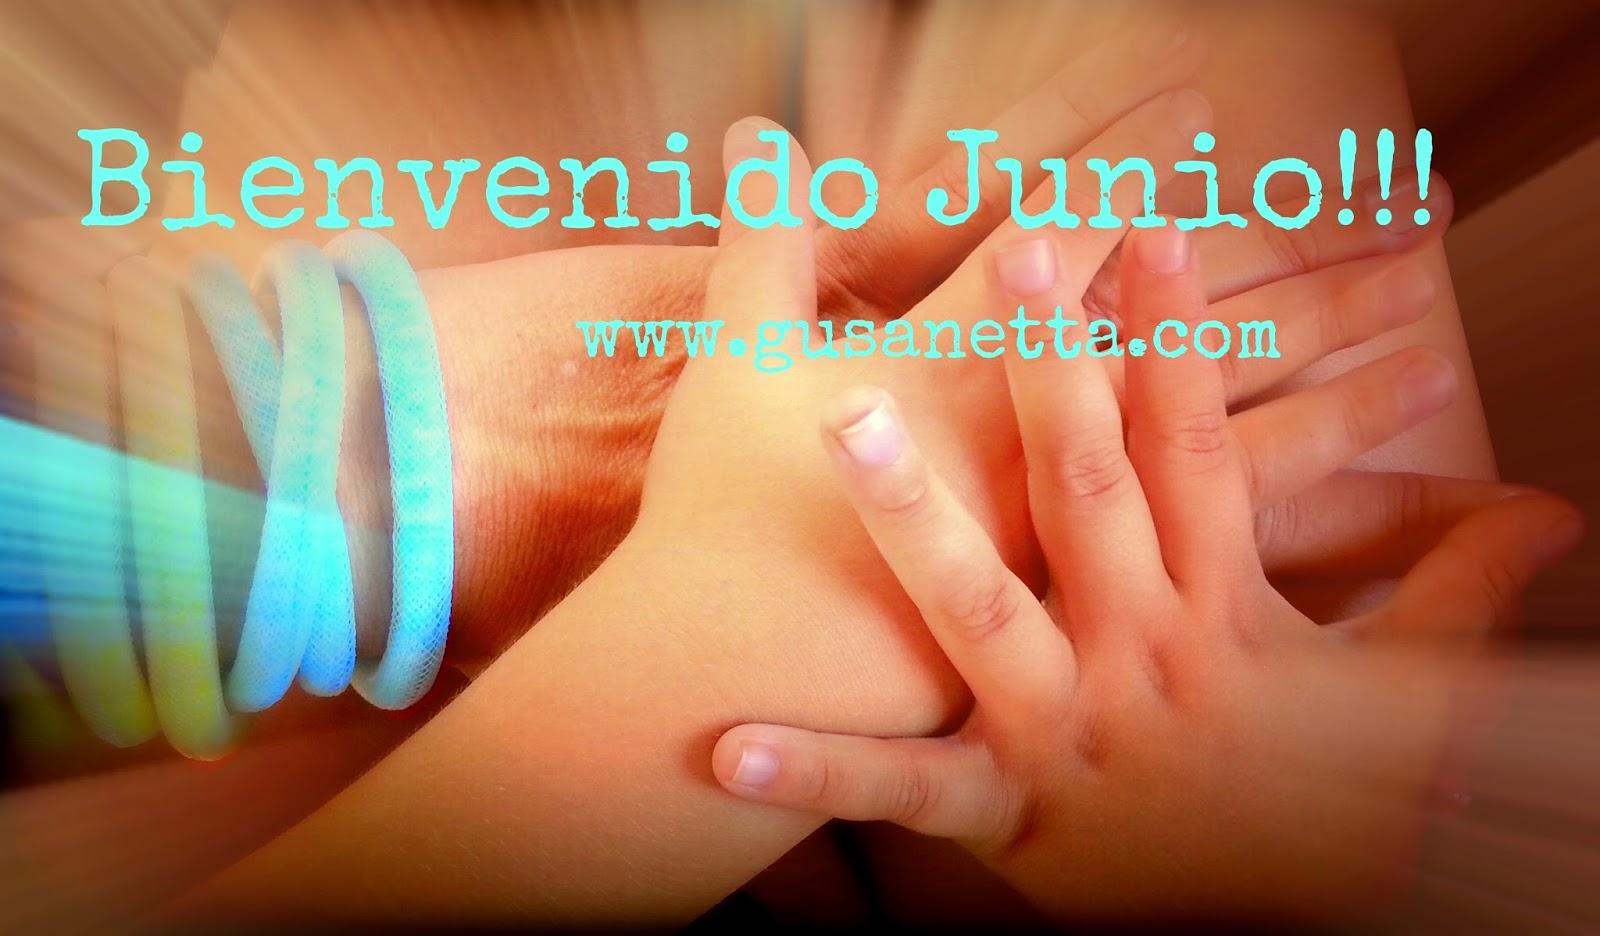 BIENVENIDO, JUNIO Bienvenido+Junio.+gusanetta